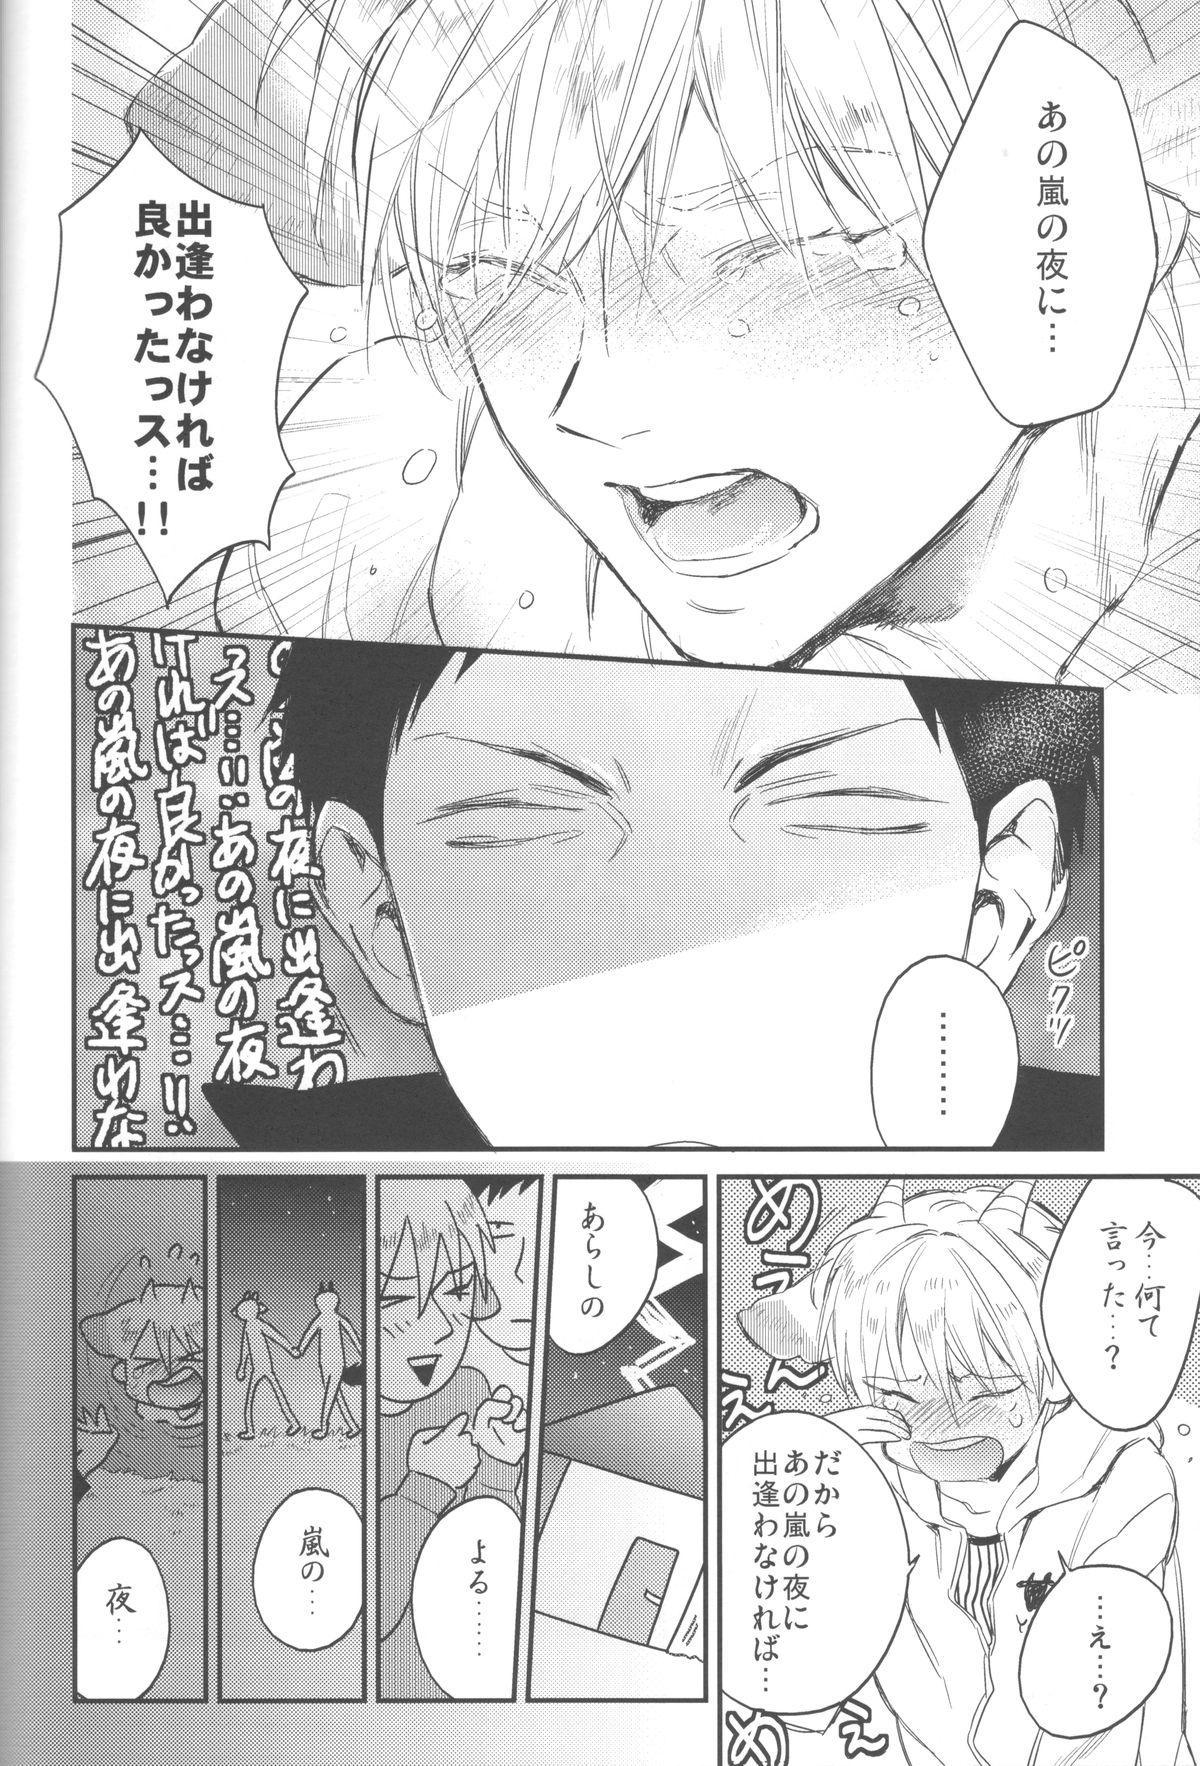 Tomodachi na noni Oishisou 18